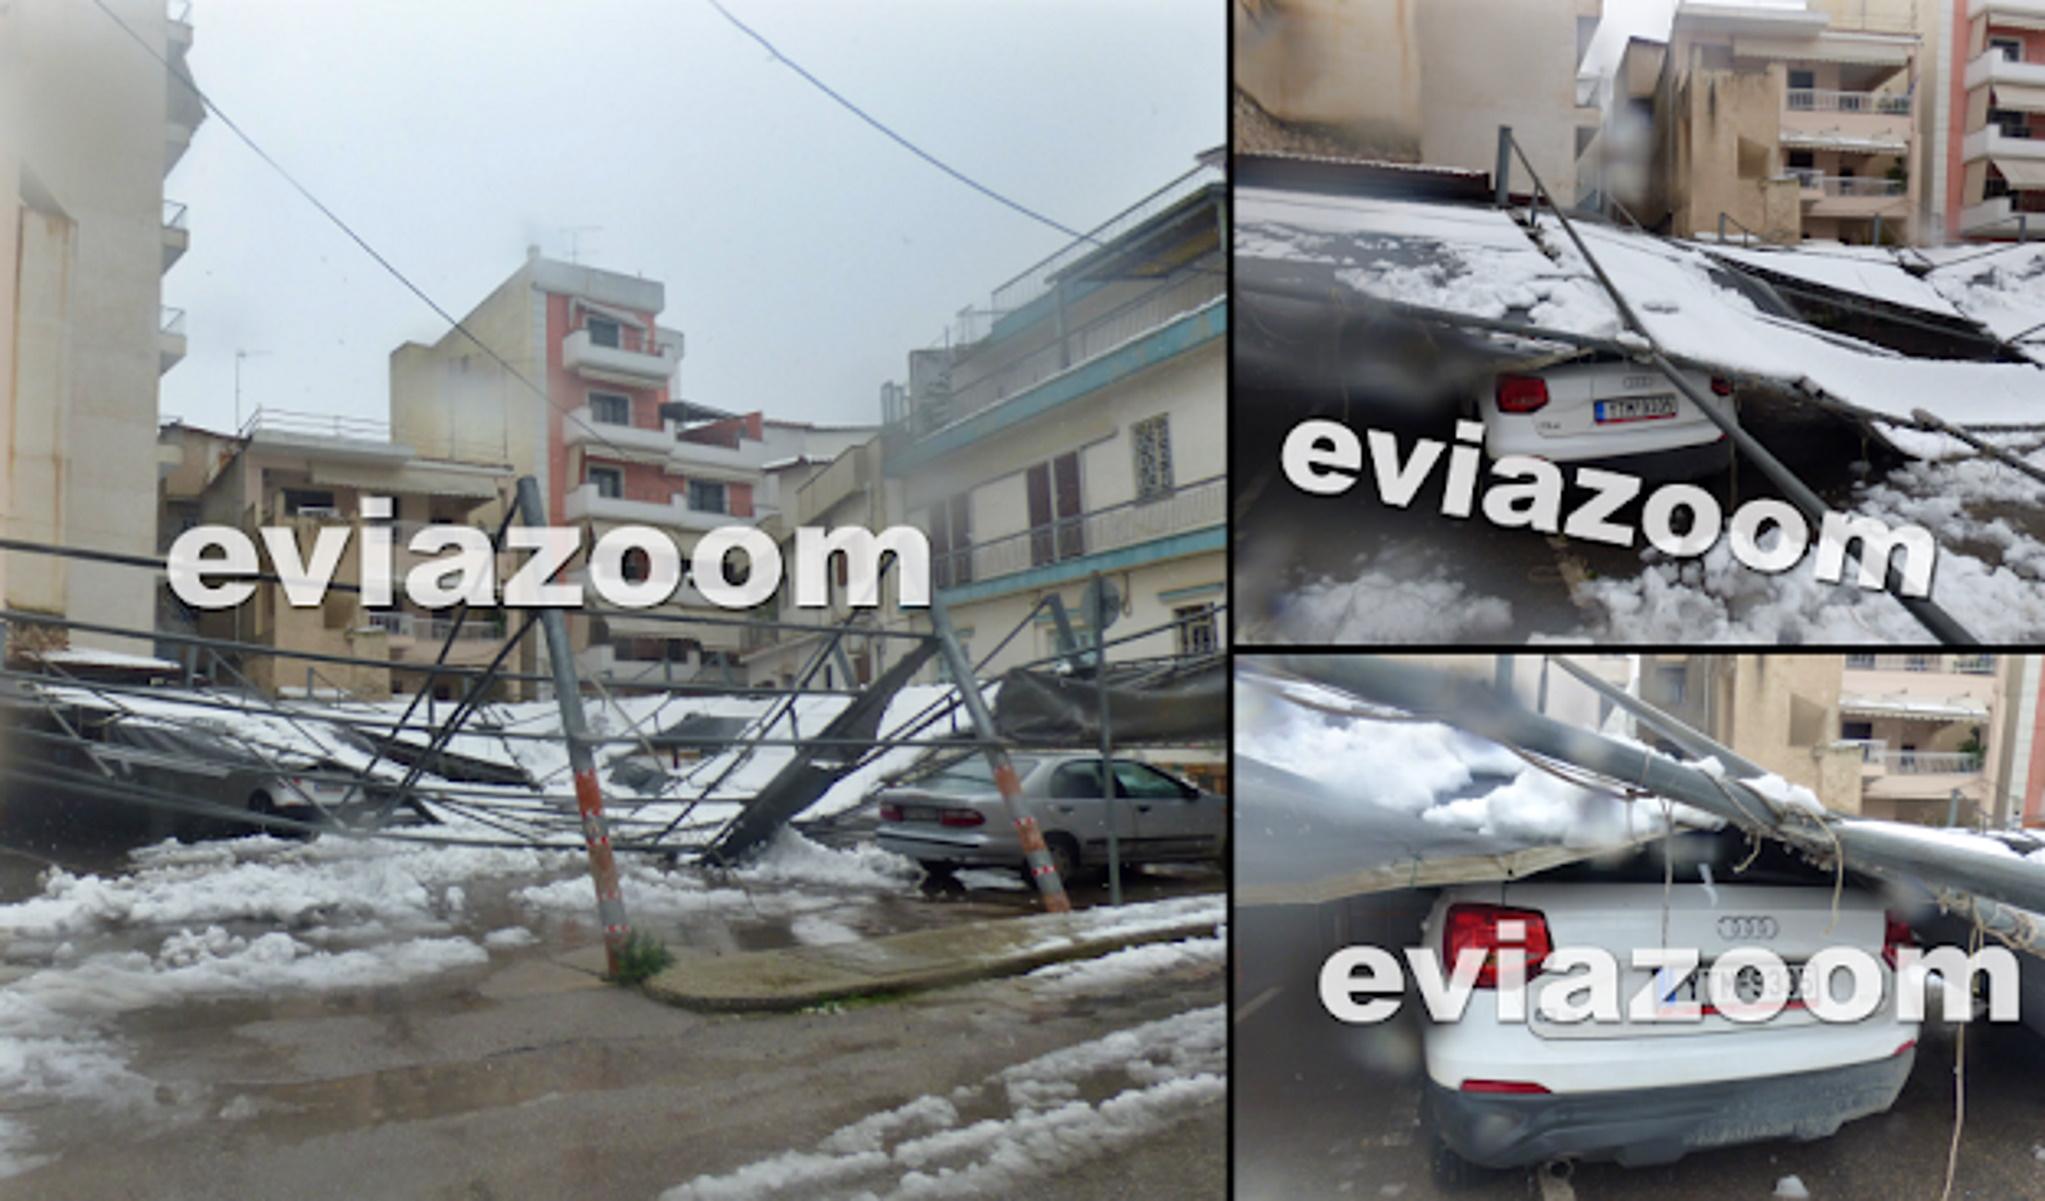 Καιρός – Χαλκίδα: Τα χιόνια καταπλάκωσαν επιχείρηση πάρκινγκ – Καταστράφηκαν αυτοκίνητα (pics, video)